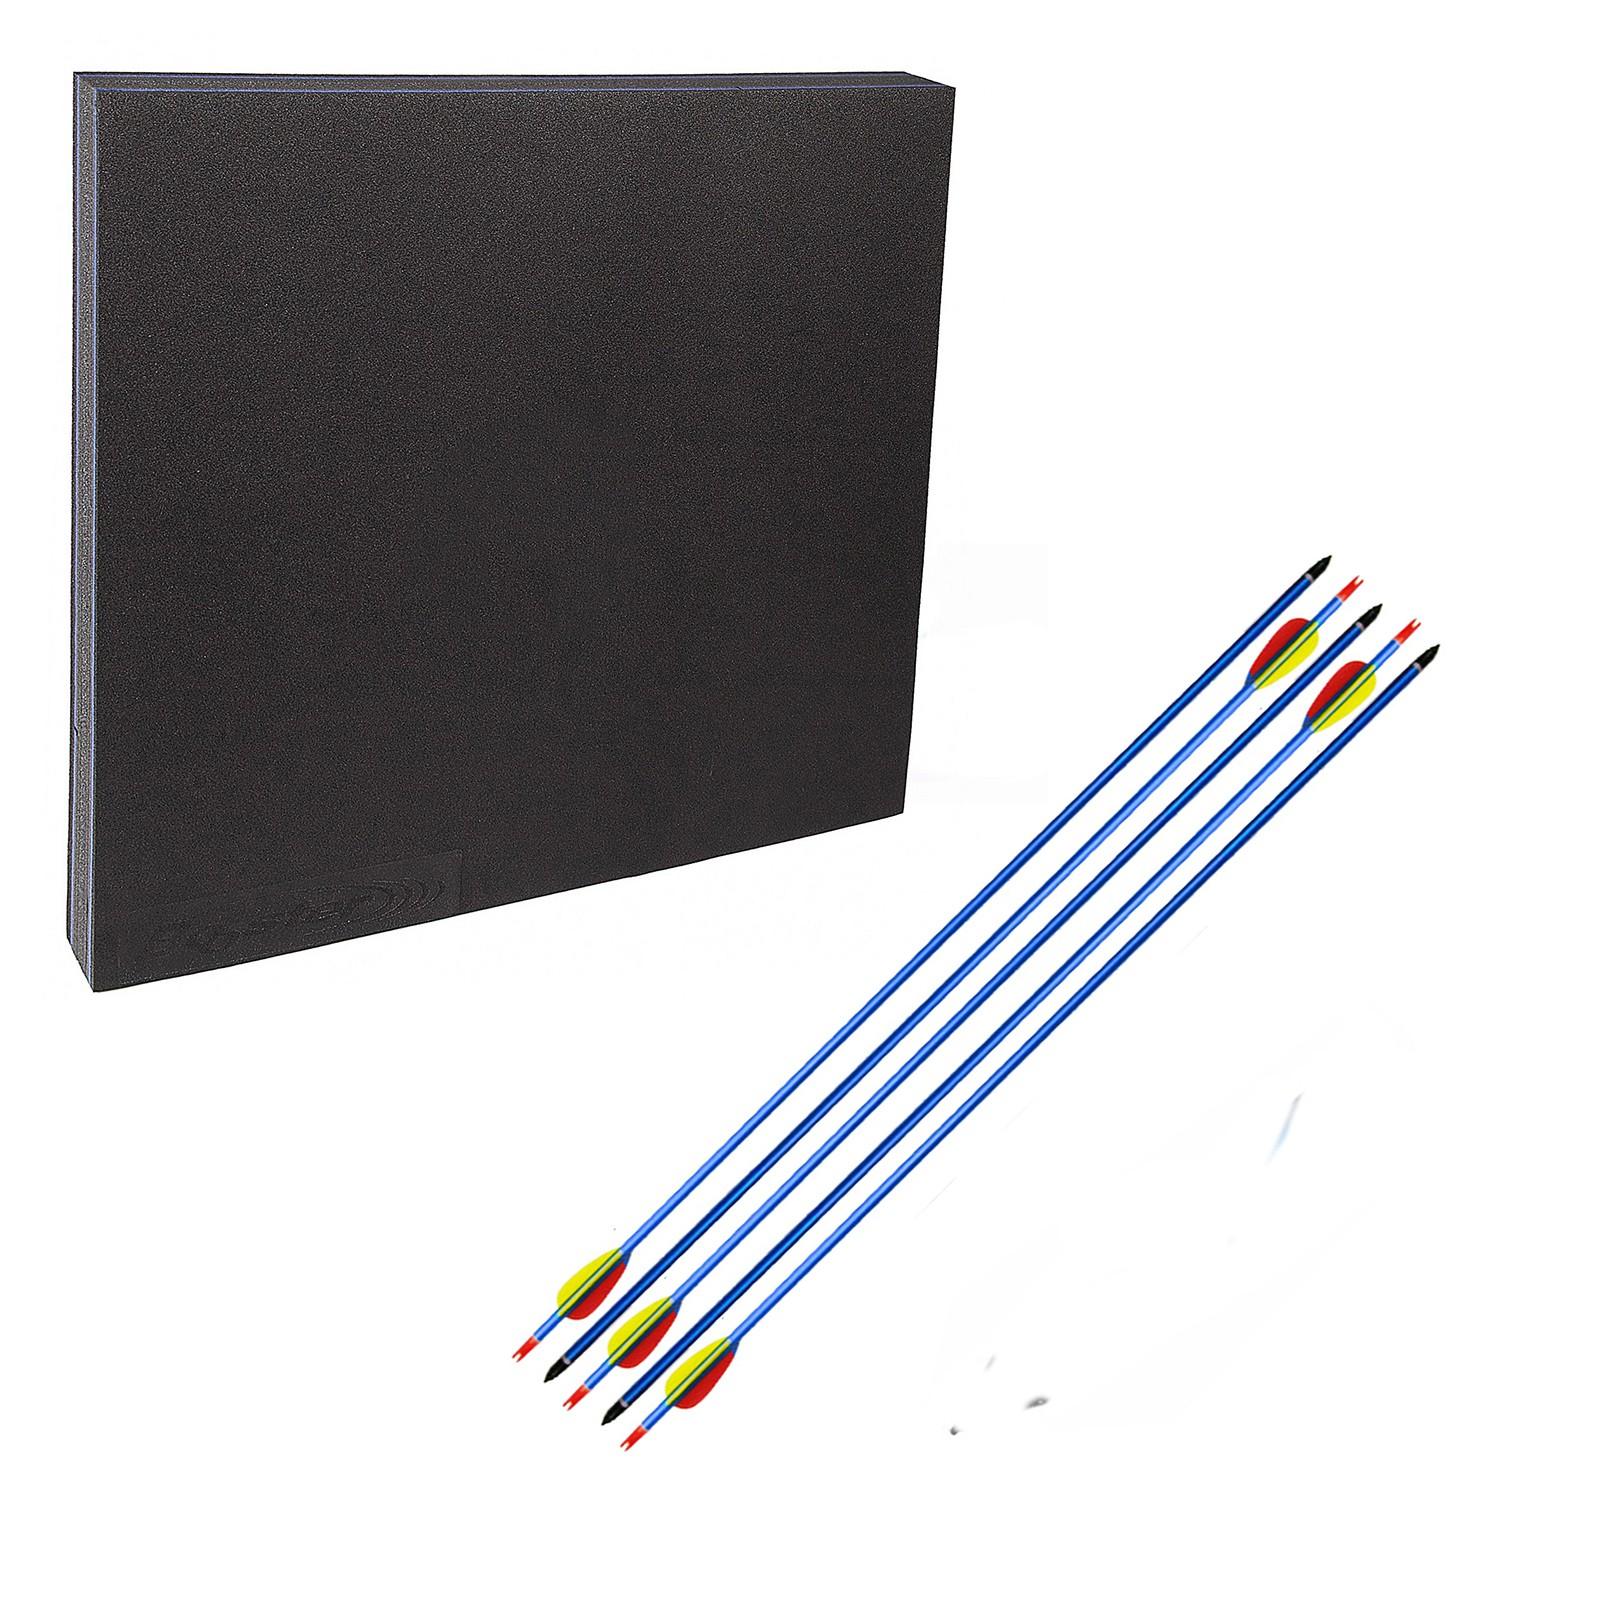 Kit Paglione Battifreccia sintetico Booster 5 Frecce alluminio blu 30 pollici